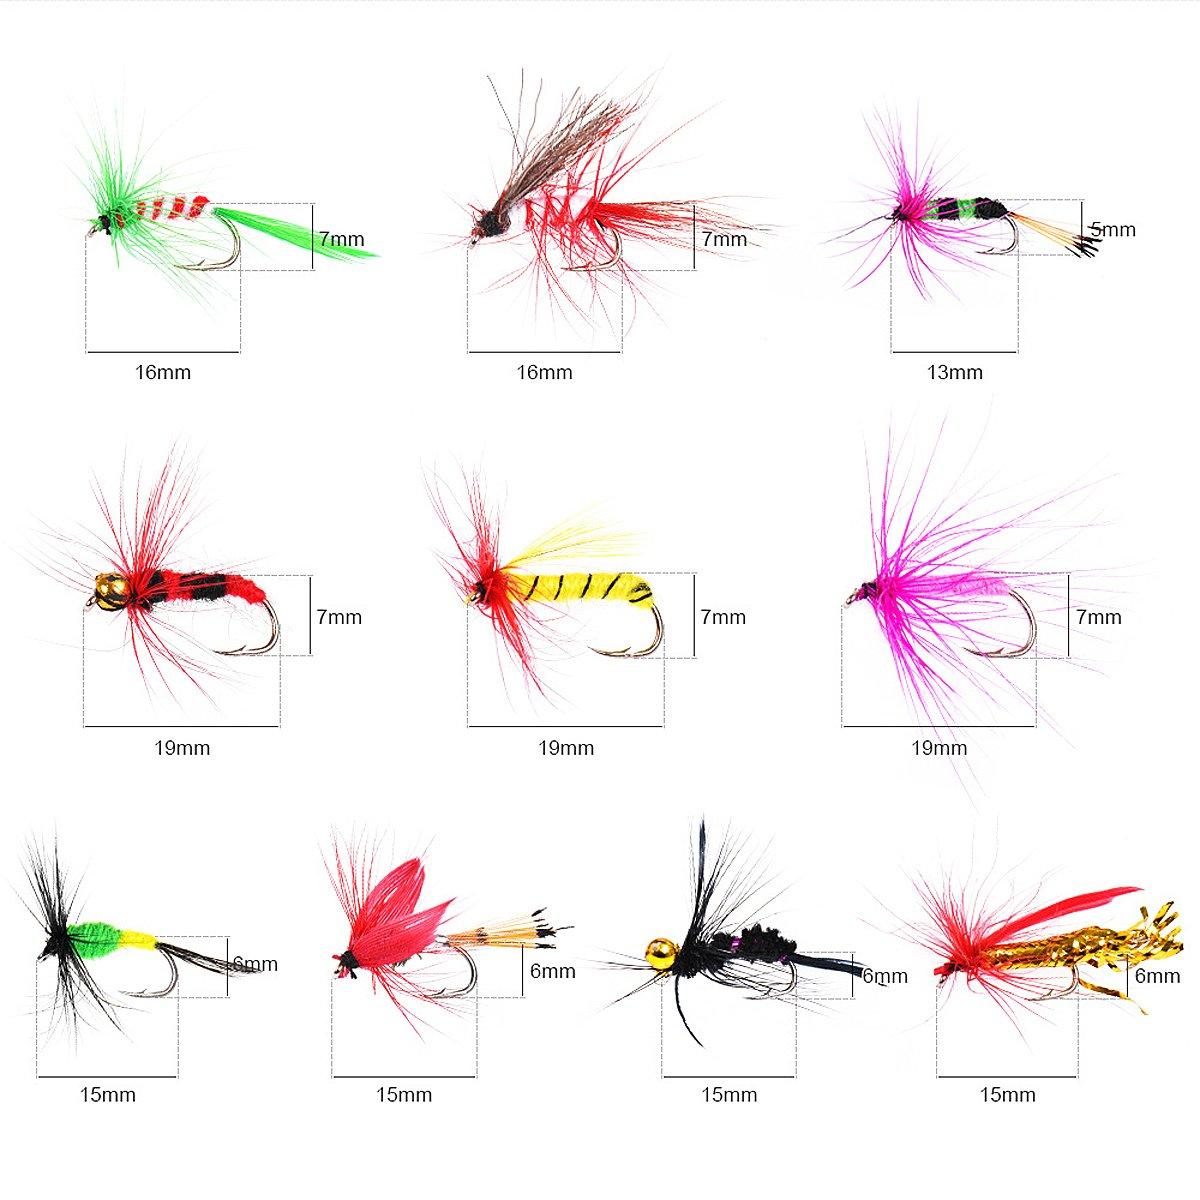 Kit de señuelos de pesca con mosca, 100 unidades, hecho a mano, con moscas secas y húmedas, anzuelos para cebo, truchas de bajo, pesca con mosca de salmón y ...